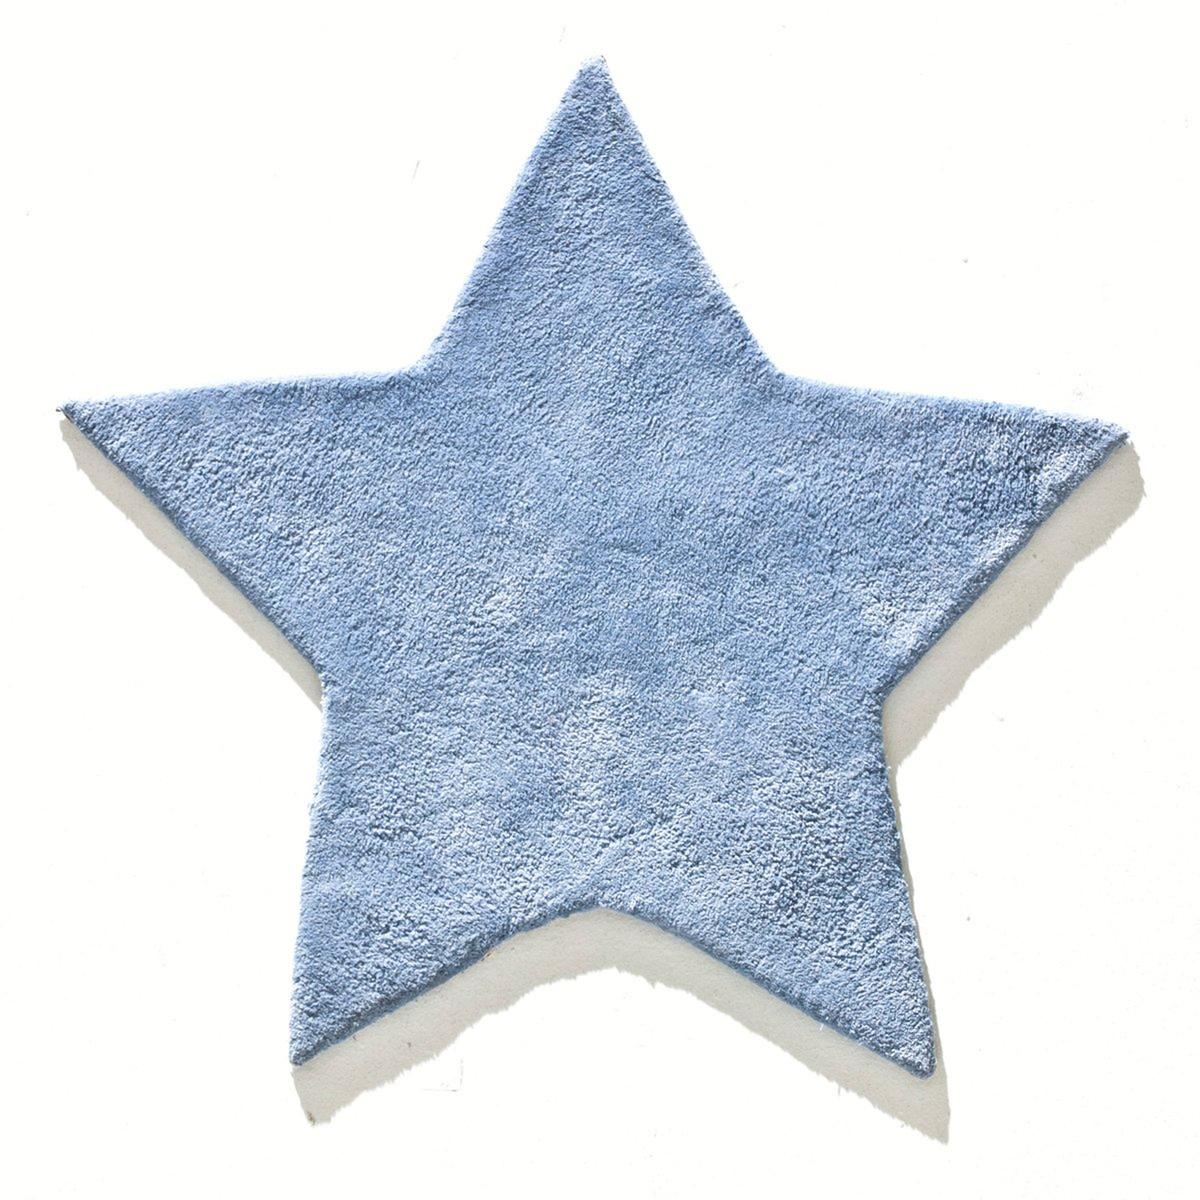 Ковер для детской звезда из хлопковой ткани, Zilius, 100% хлопкаОчарование звездным небом и мечты о полетах над облаками - мягкий хлопковый ковер Zilius украсит и наполнит уютом комнату Вашего ребенка !Характеристики ковра Zilius :100% хлопковая ткань. 4000 г/м?.Другие модели ковров для детской и всю коллекцию ковров вы можете найти на сайте laredoute.ru.Размеры ковра Zilius :Диаметр 85 смСоветы по уходу :У ковров из хлопка в первые месяцы использования допускается технический сход ворса. Это не дефект производства. Это явление обычно проходит после одного-двух проходов коврика пылесосом (всегда двигайте пылесос в направлении ворса и никогда против ворса).<br><br>Цвет: темно-синий